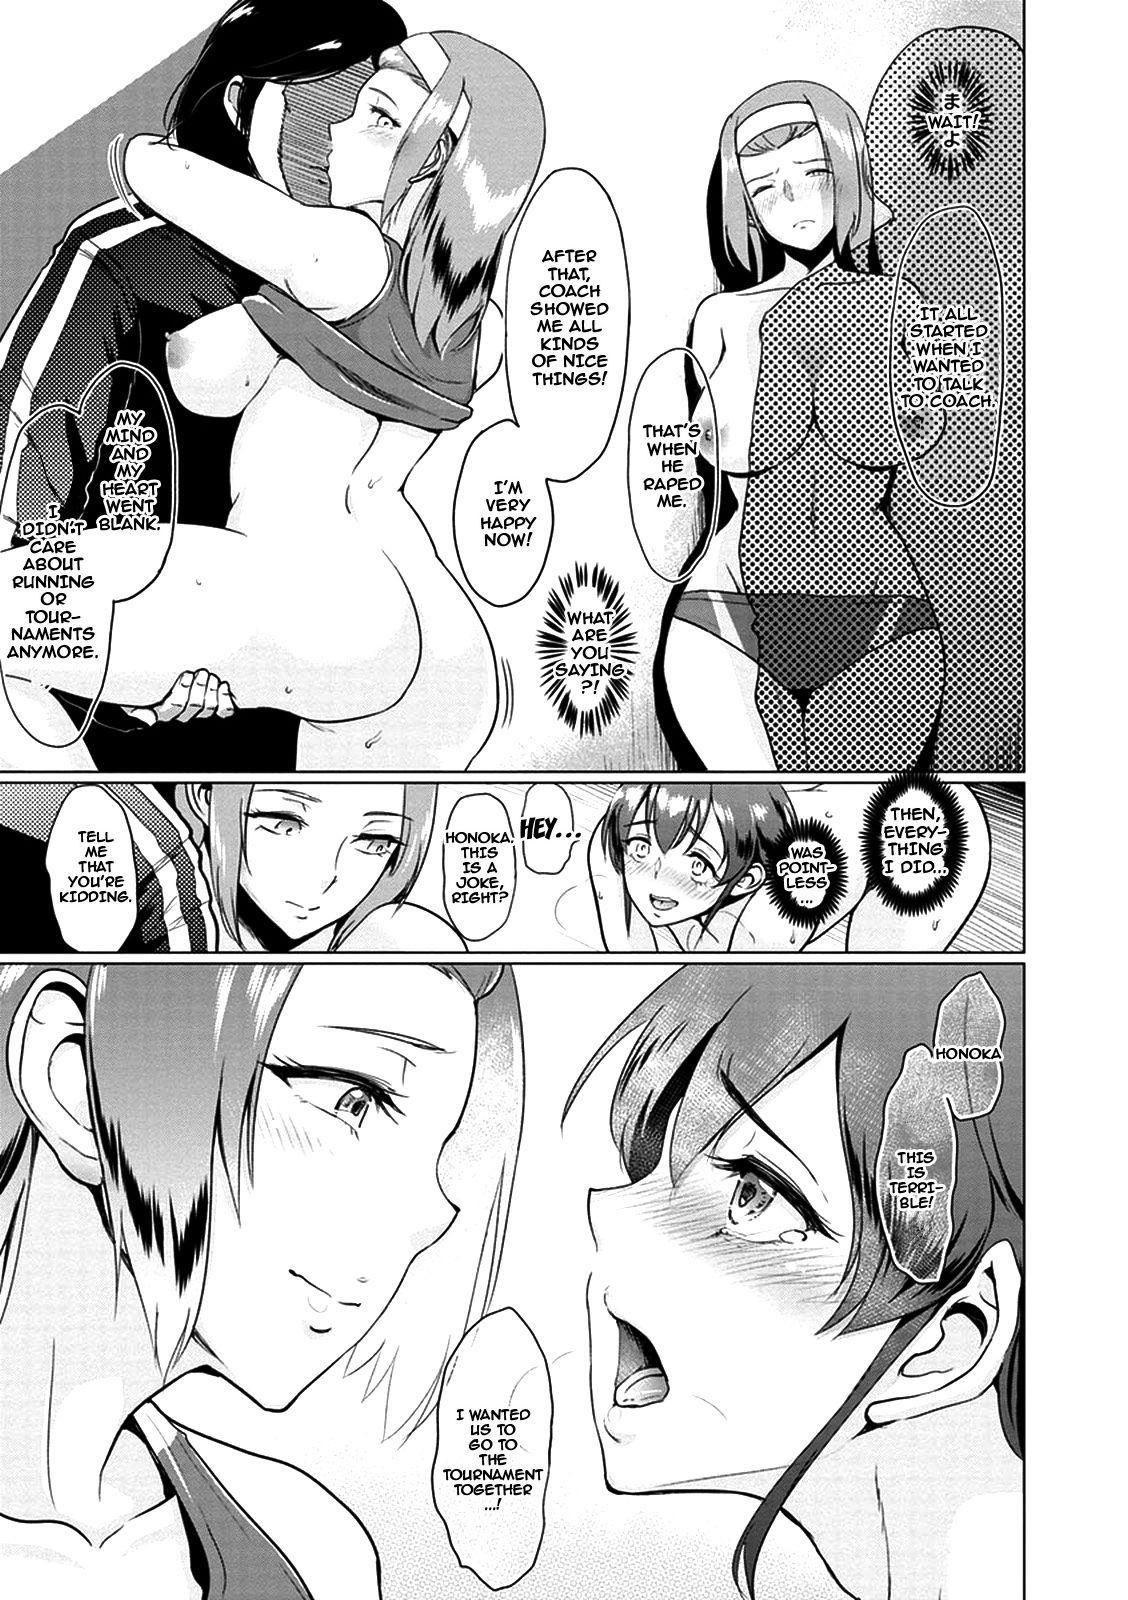 [bifidus] Rikujoubu Ran-chan no Yuuutsu | Ran-chan's Melancholy (Kimi o Sasou Uzuki Ana) [English] {doujins.com} [Digital] 10